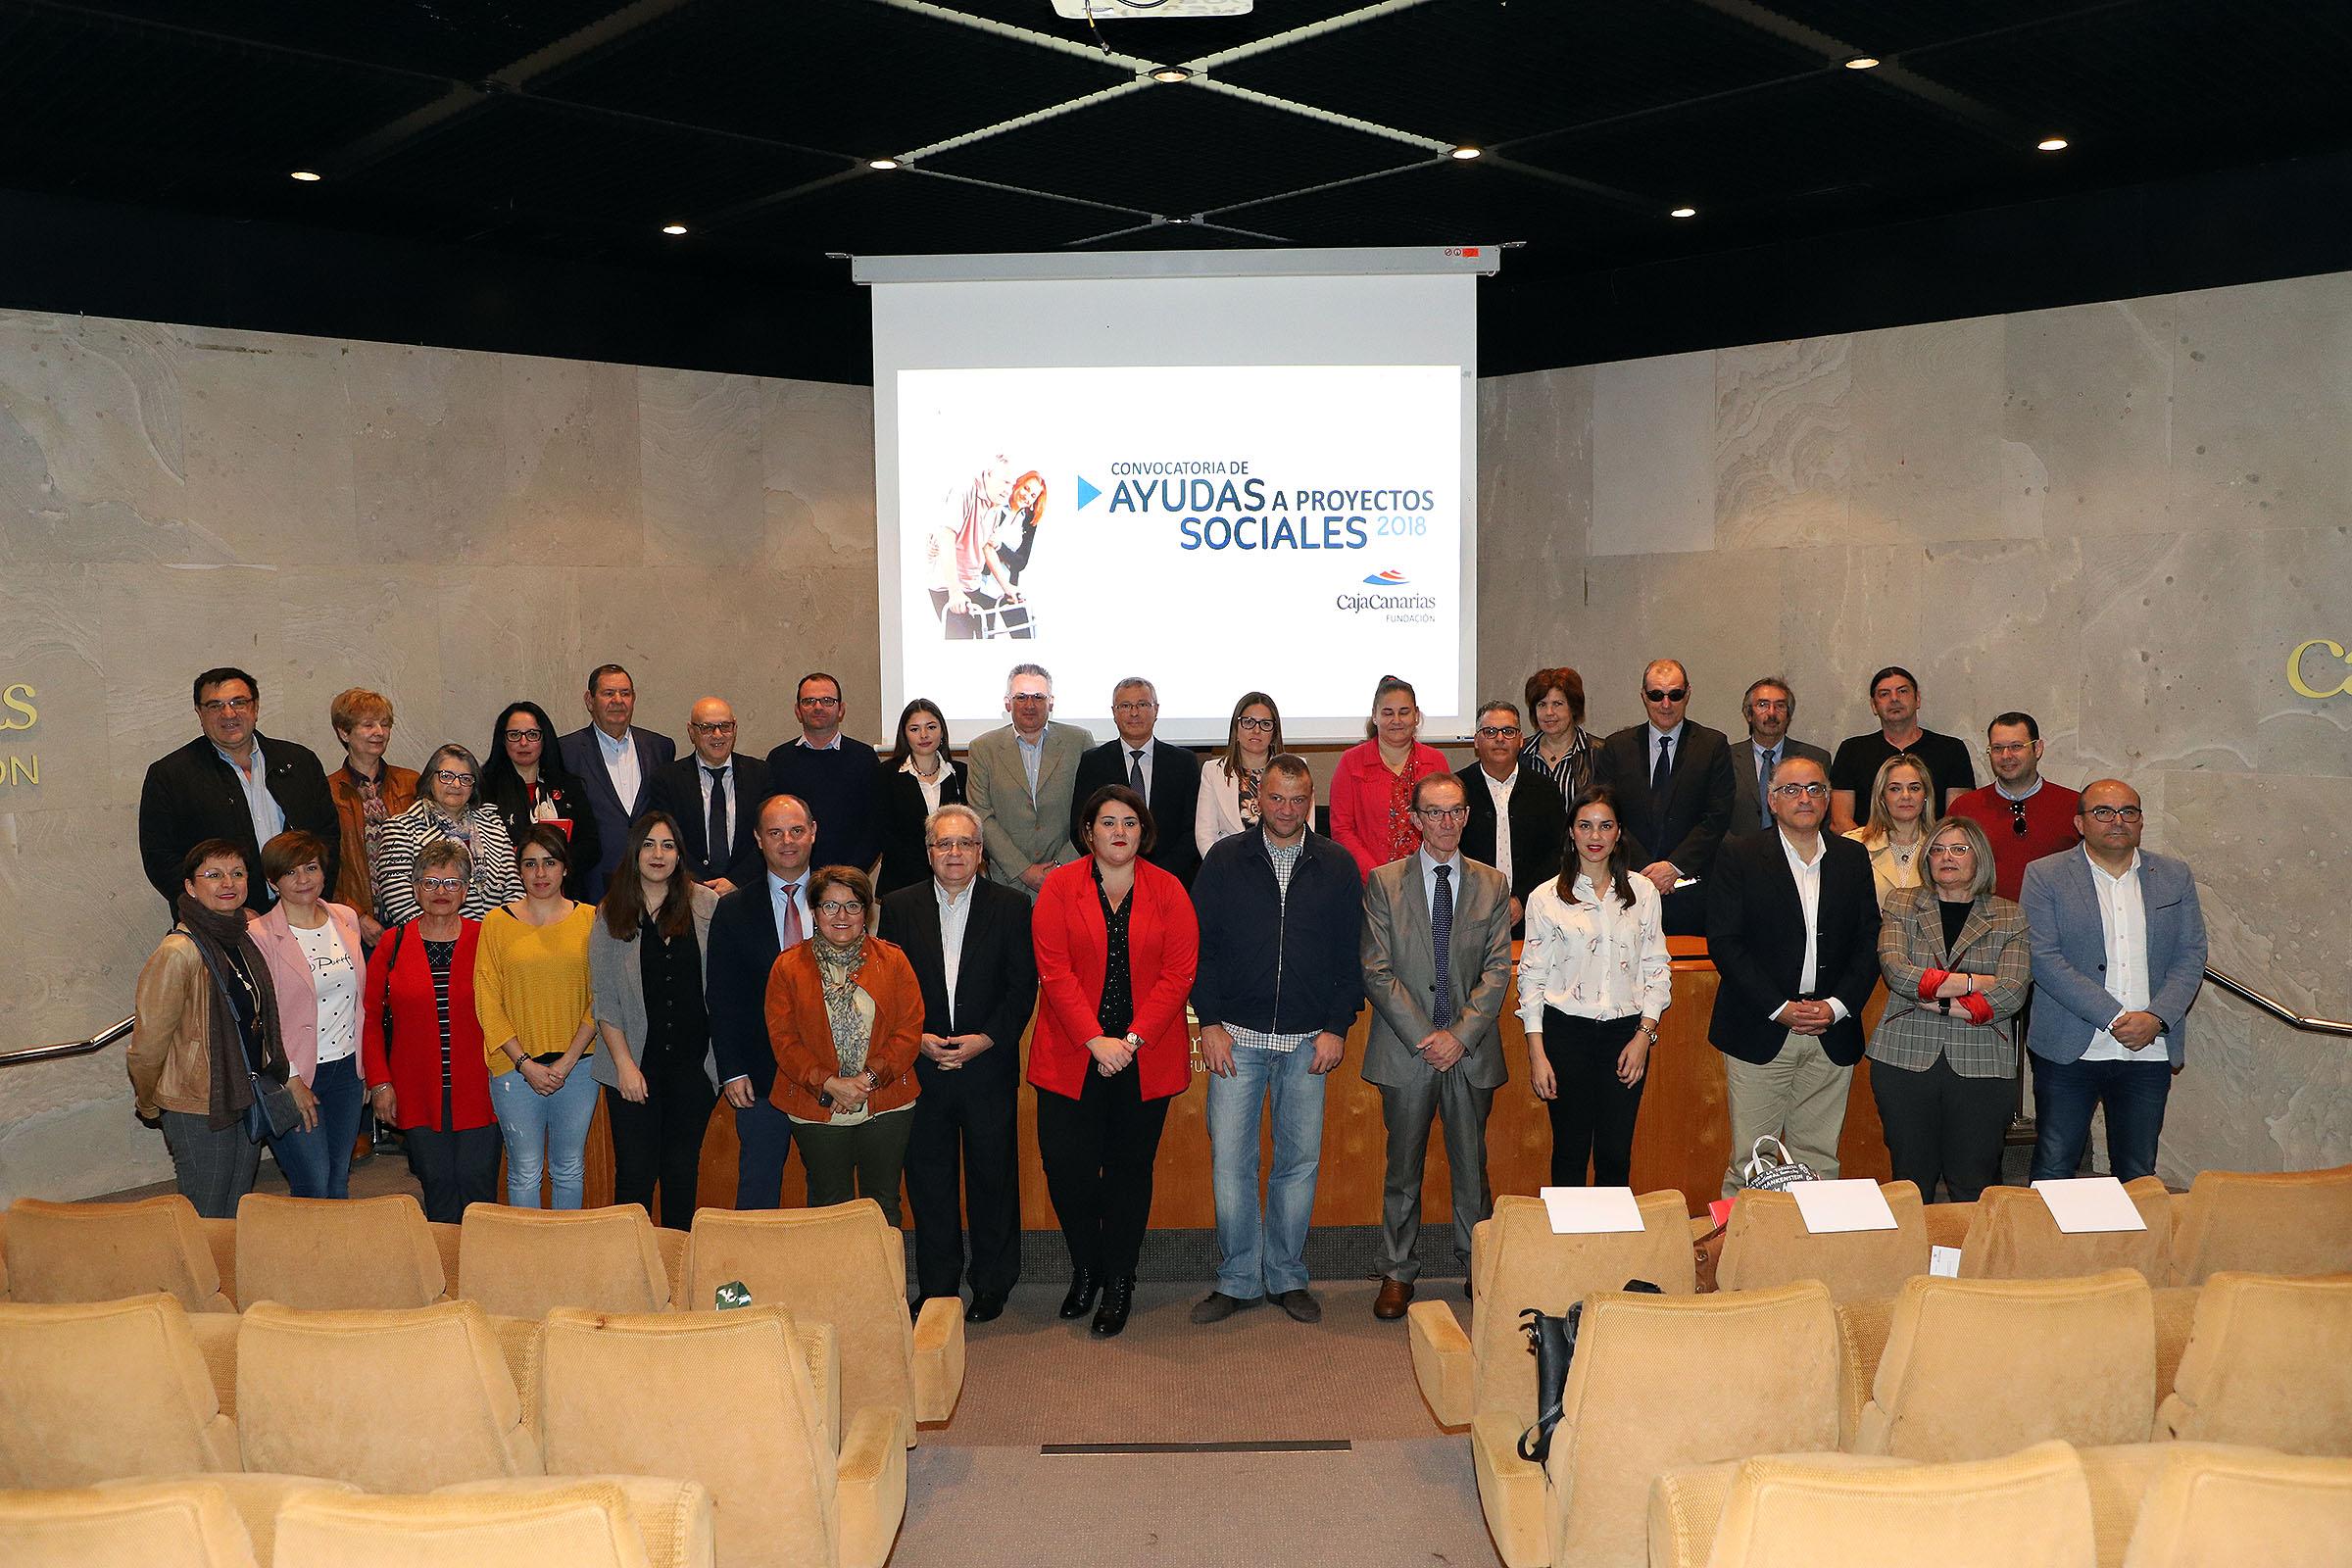 La Fundación CajaCanarias anuncia la resolución de su Convocatoria de Ayudas a Proyectos Sociales 2019